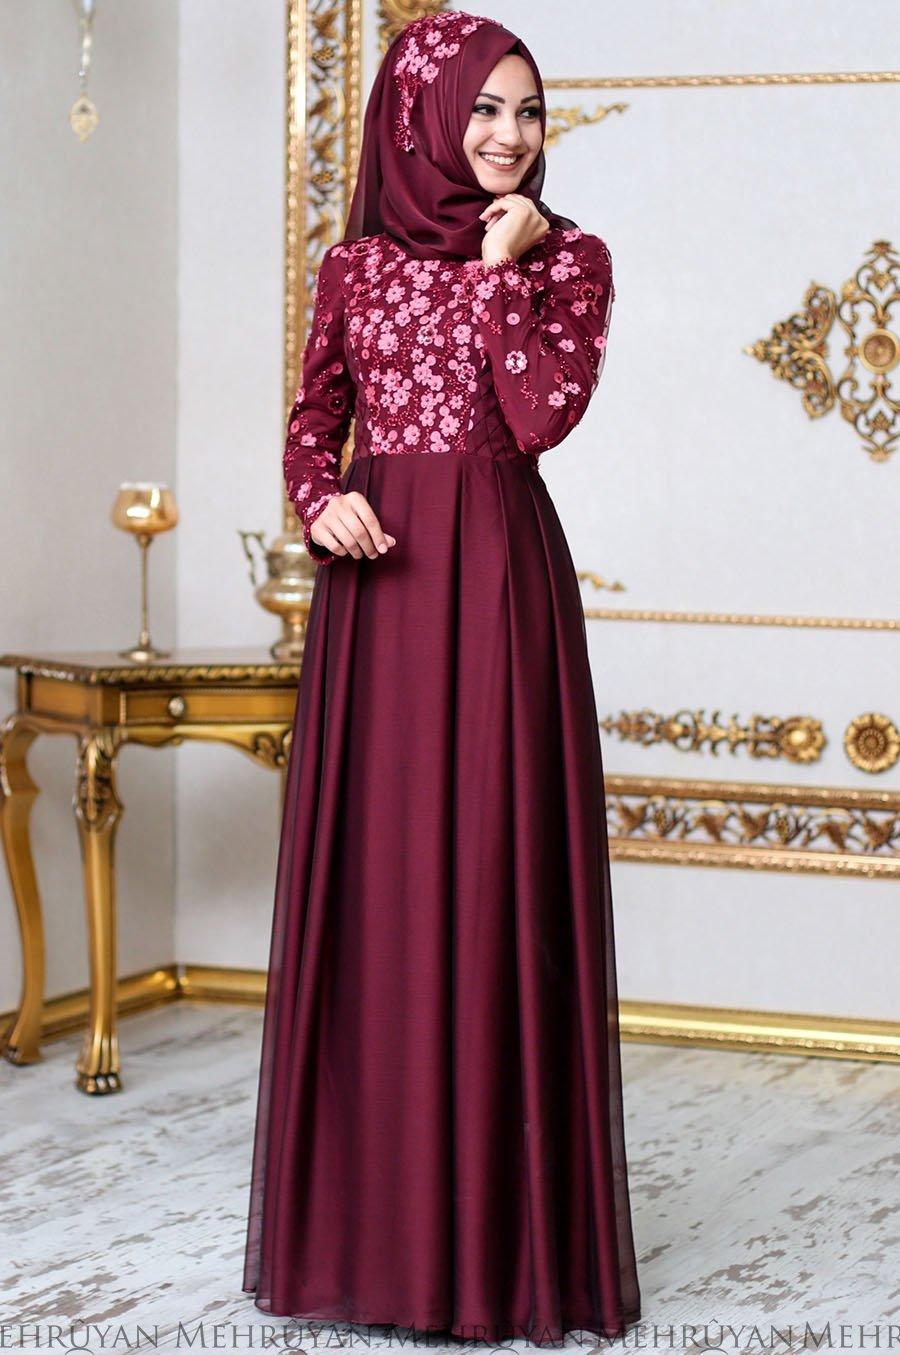 2018 An Nahar Tesettur Abiye Elbise Modelleri 2 - 2018 Annahar Abiye Elbise Modelleri